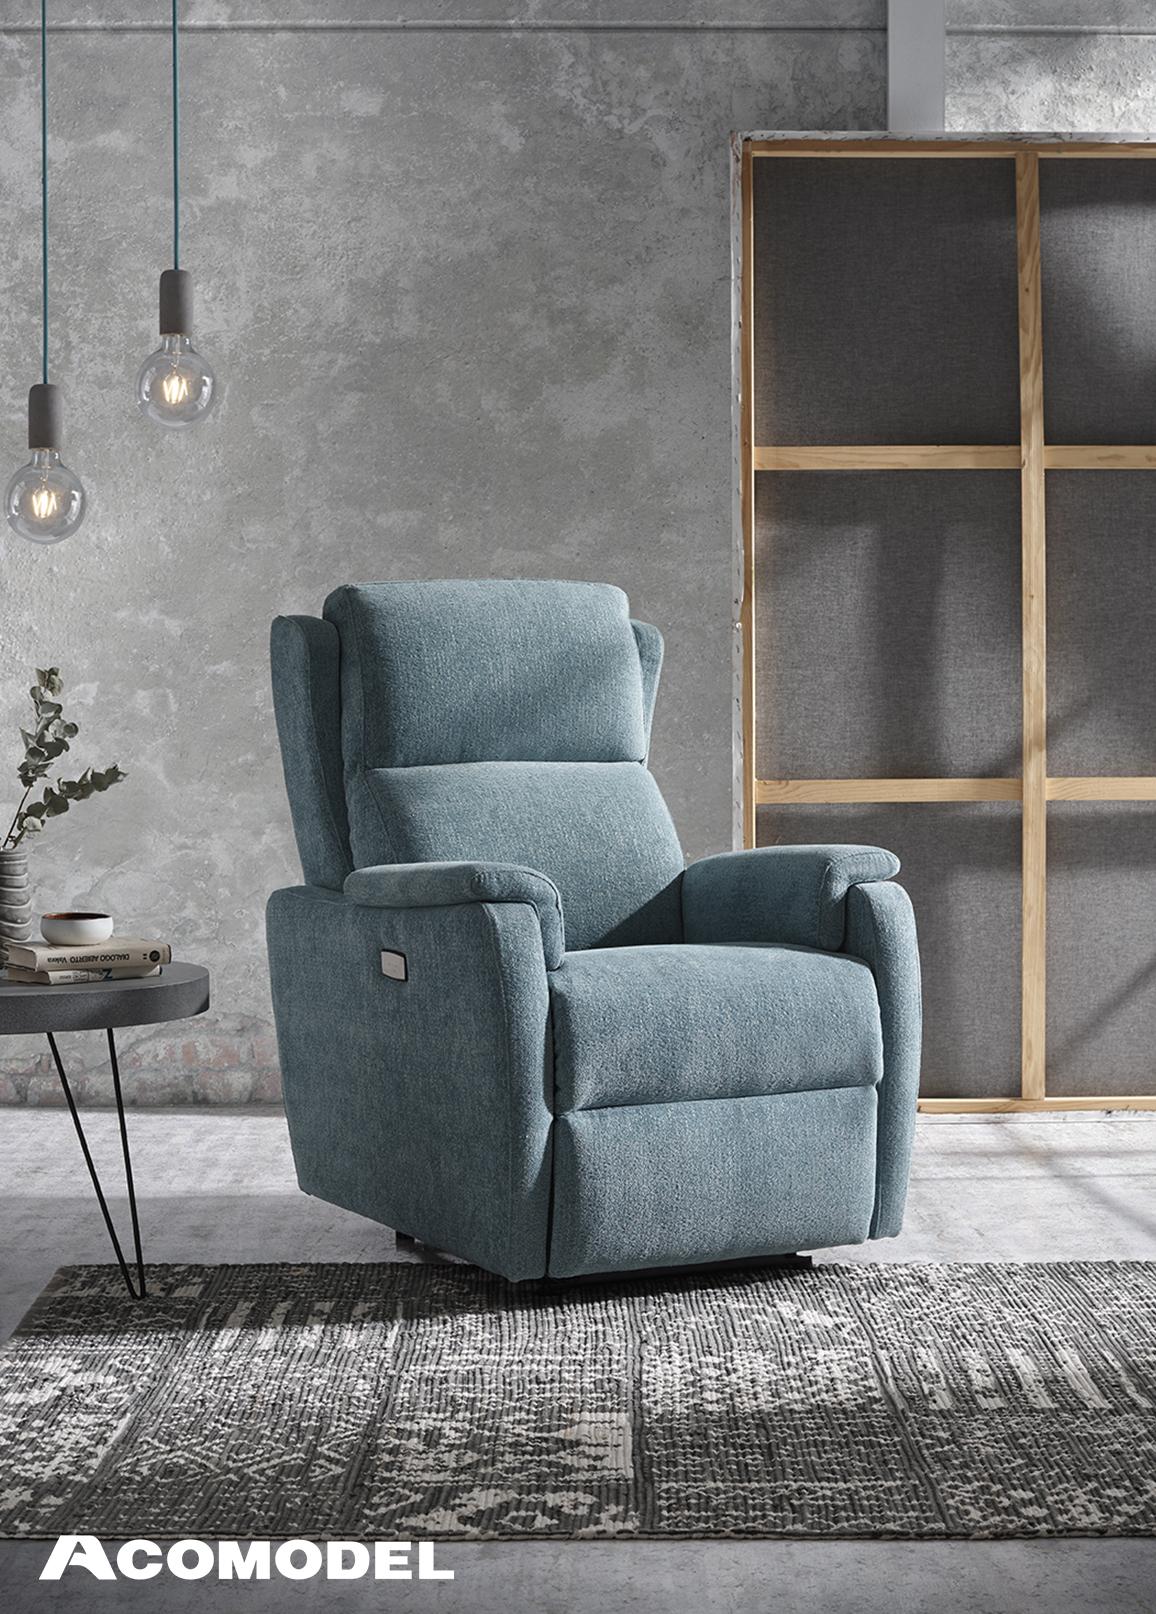 imagen cisne sillón acomodel tapizados